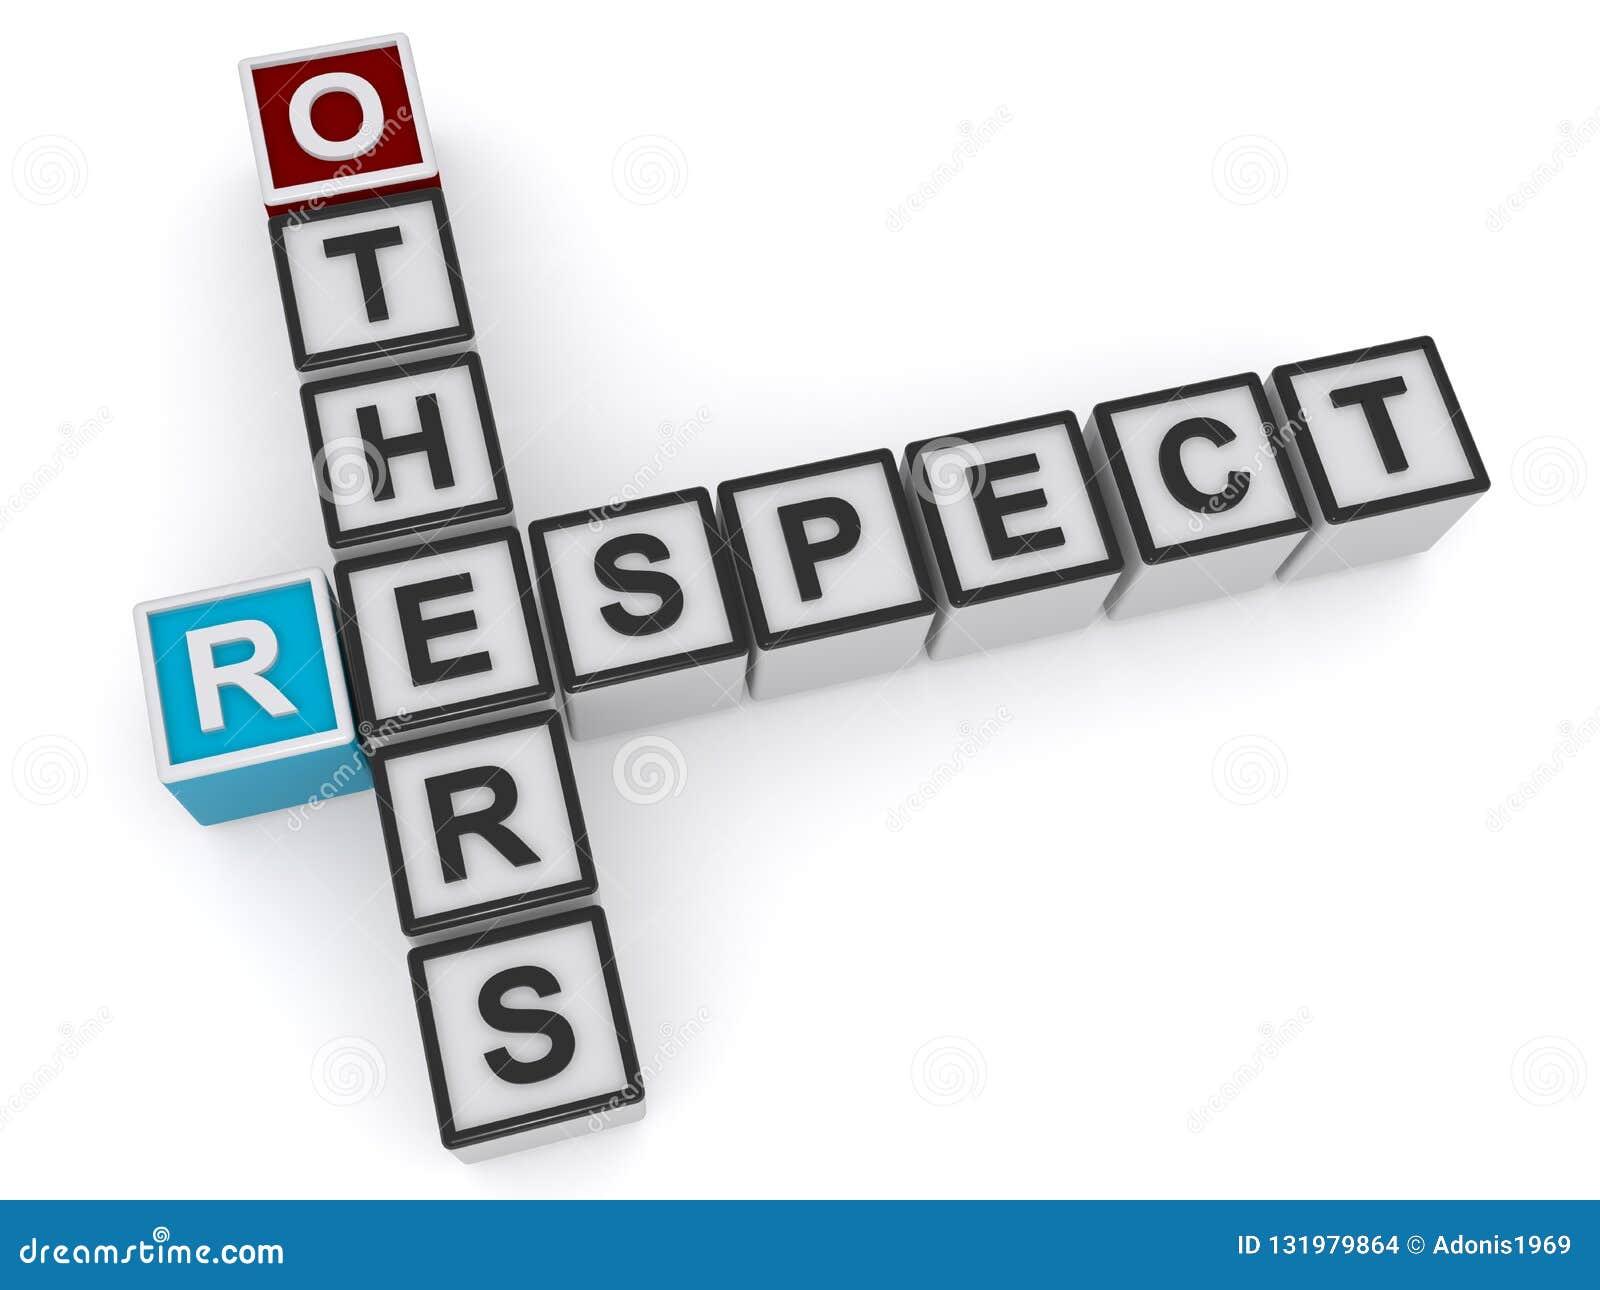 Respete otros los cubos